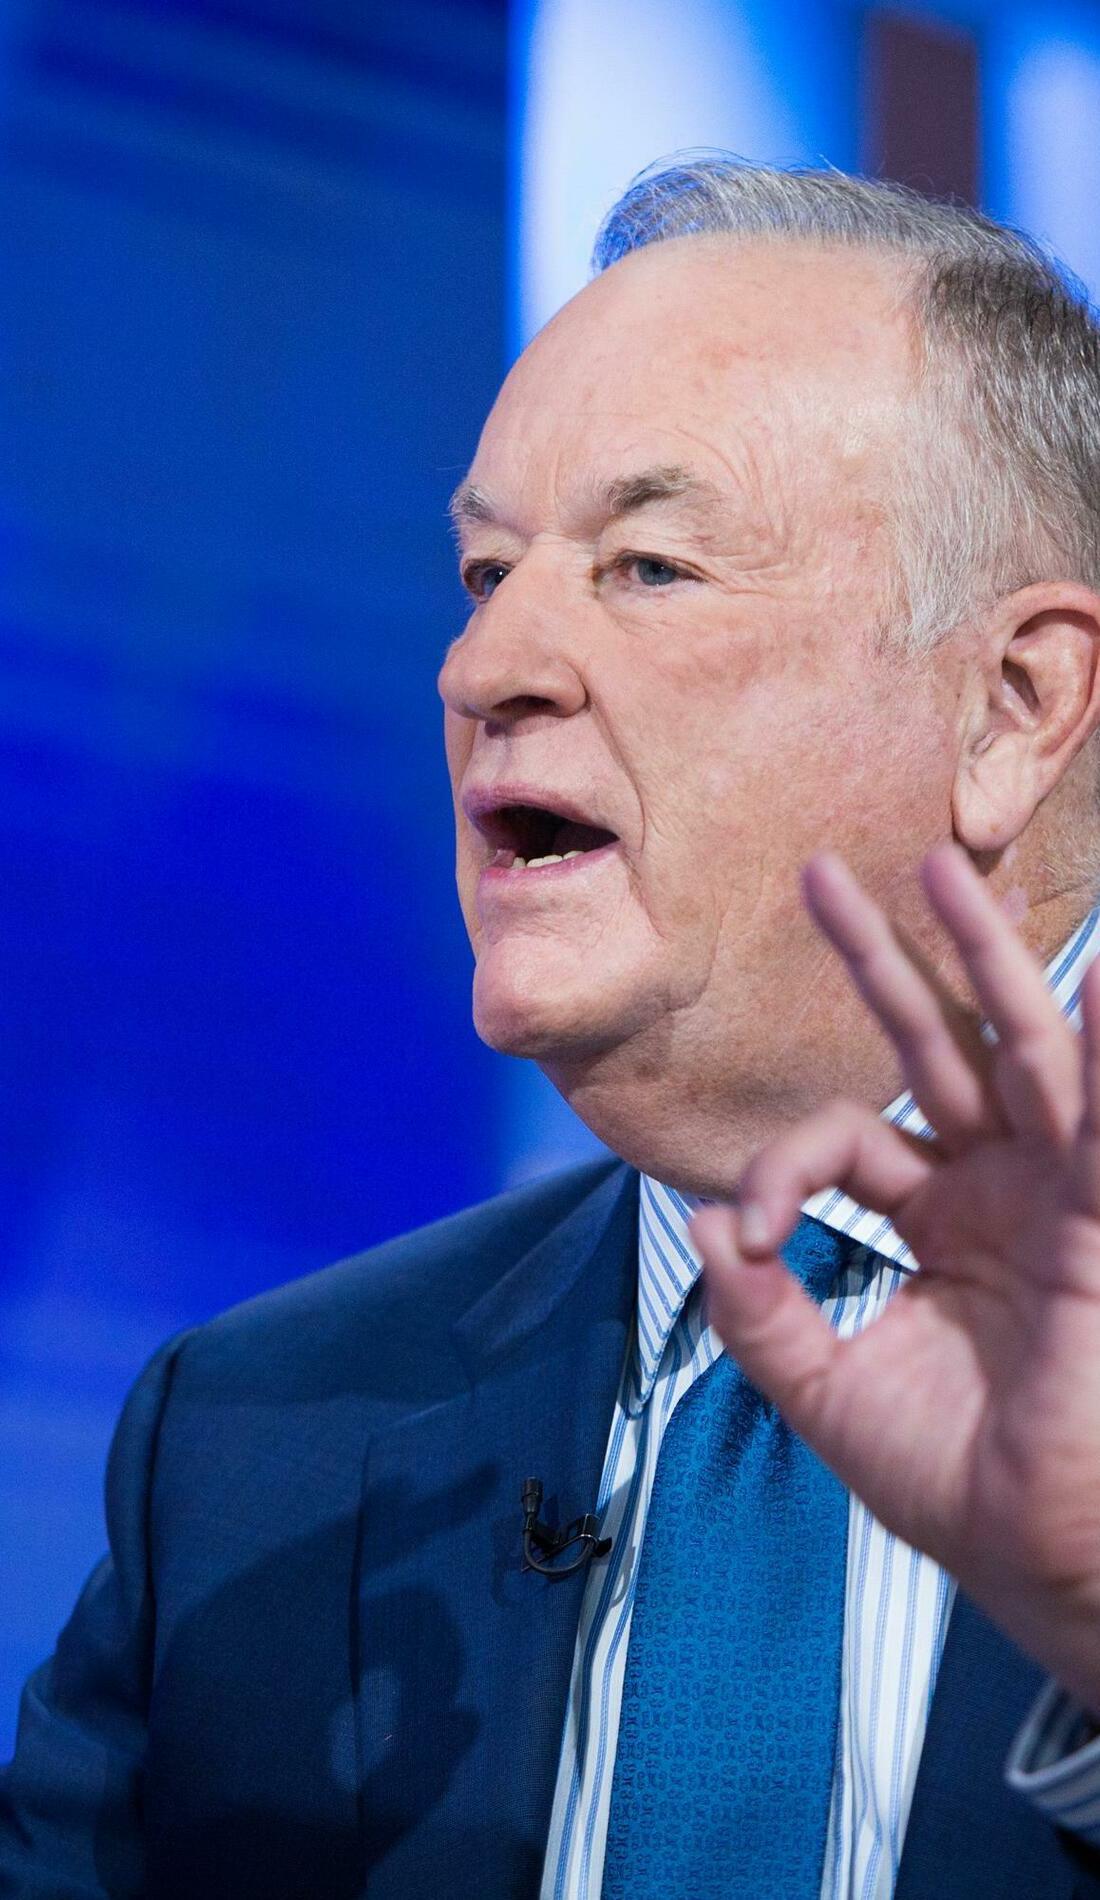 A Bill O'Reilly live event